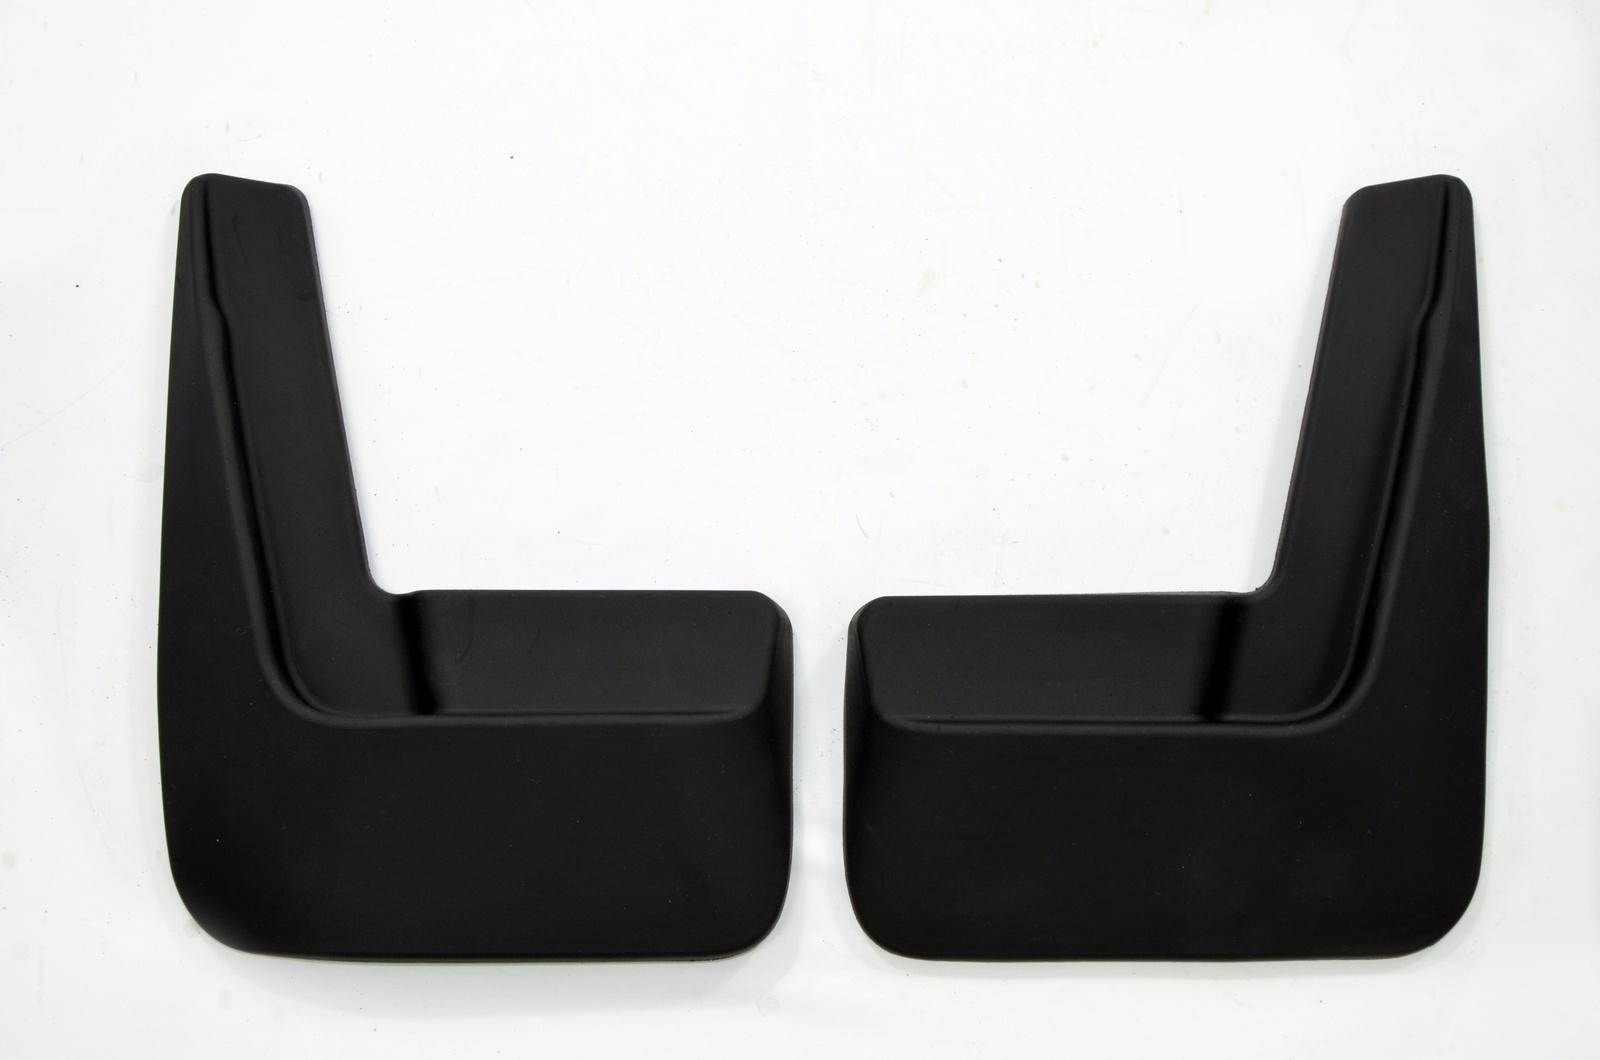 Брызговики резиновые для Nissan Almera (2013-) Задние